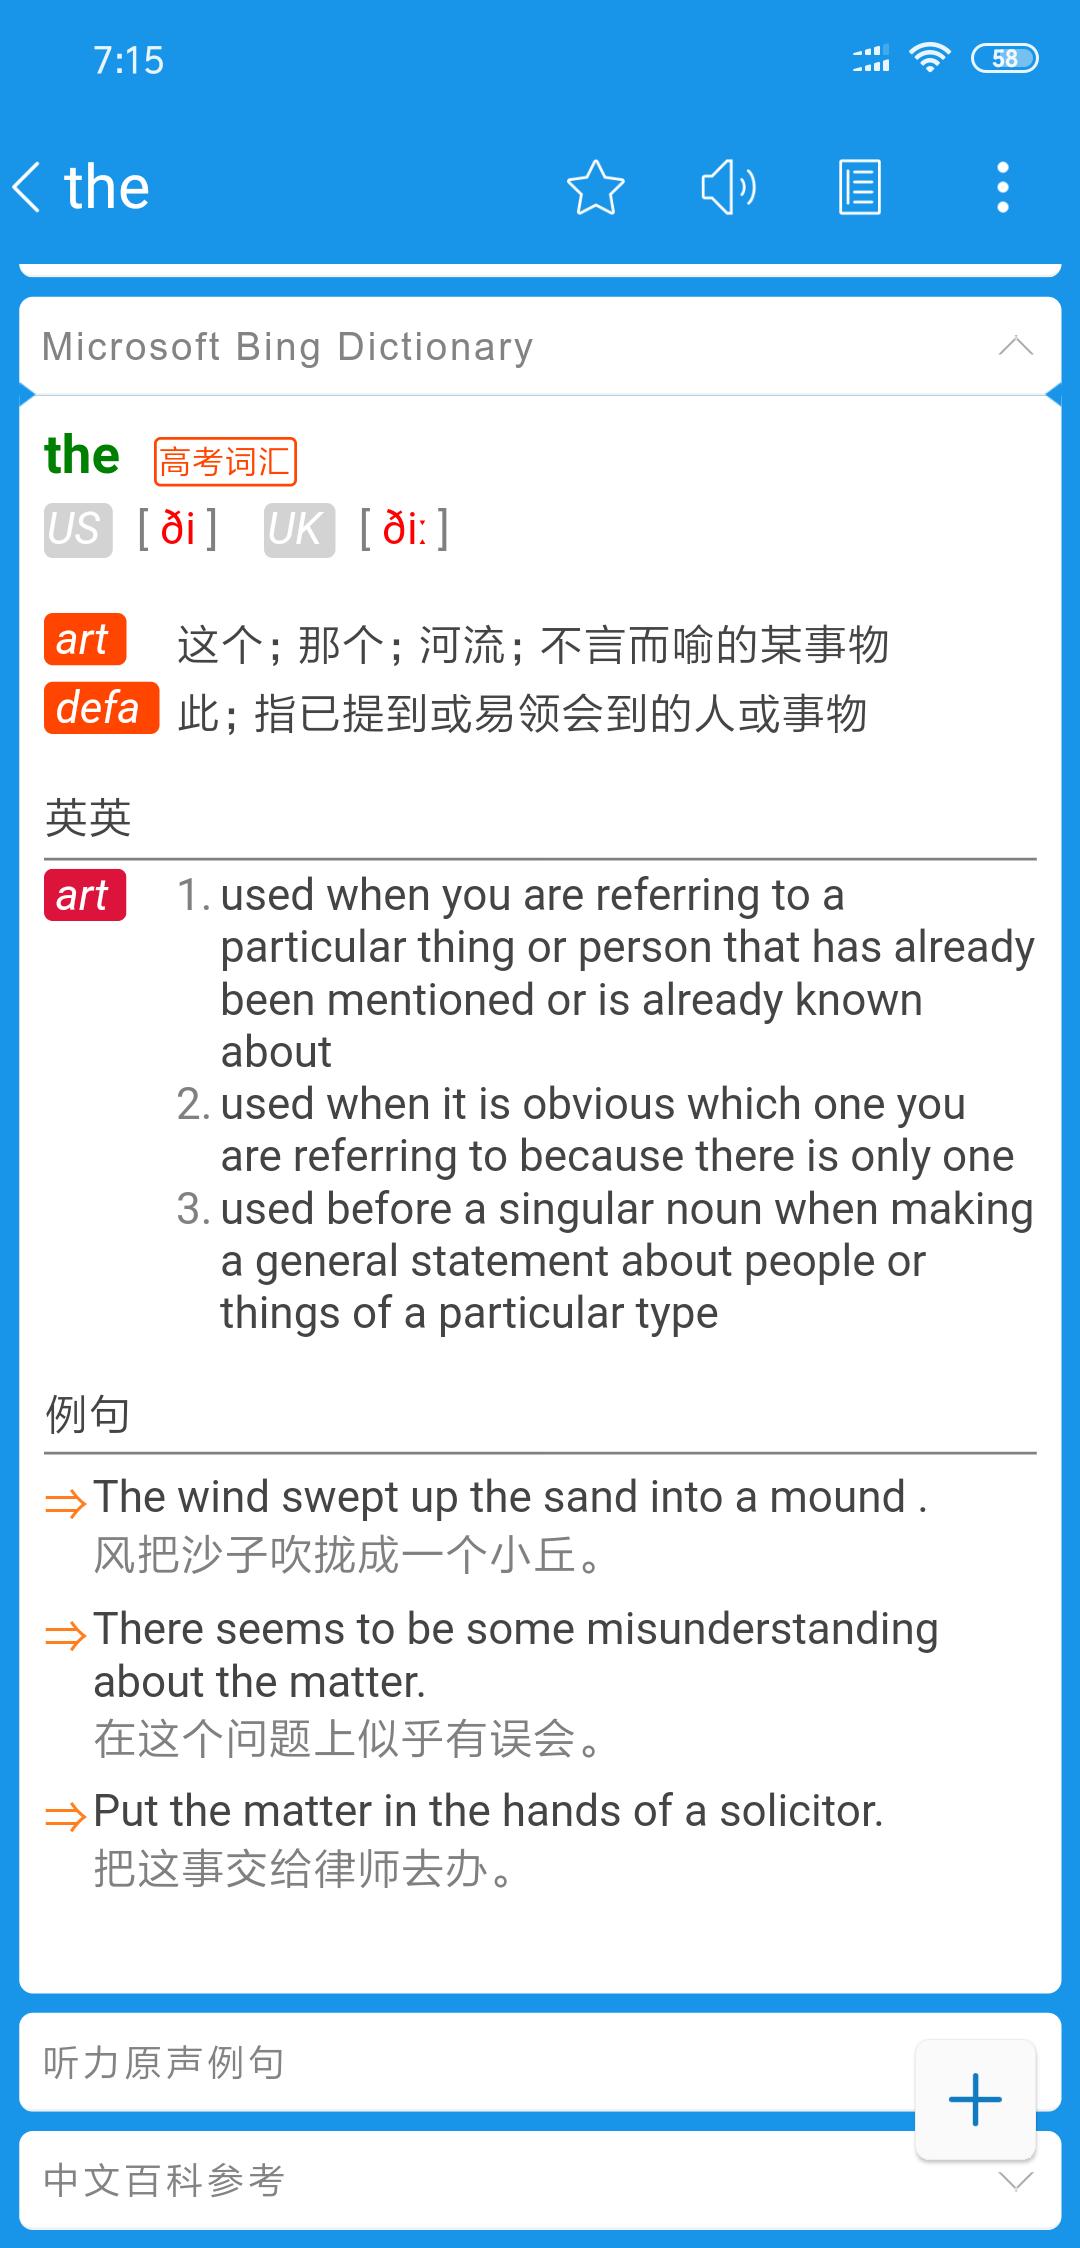 欧路词典介绍以及词典库扩充